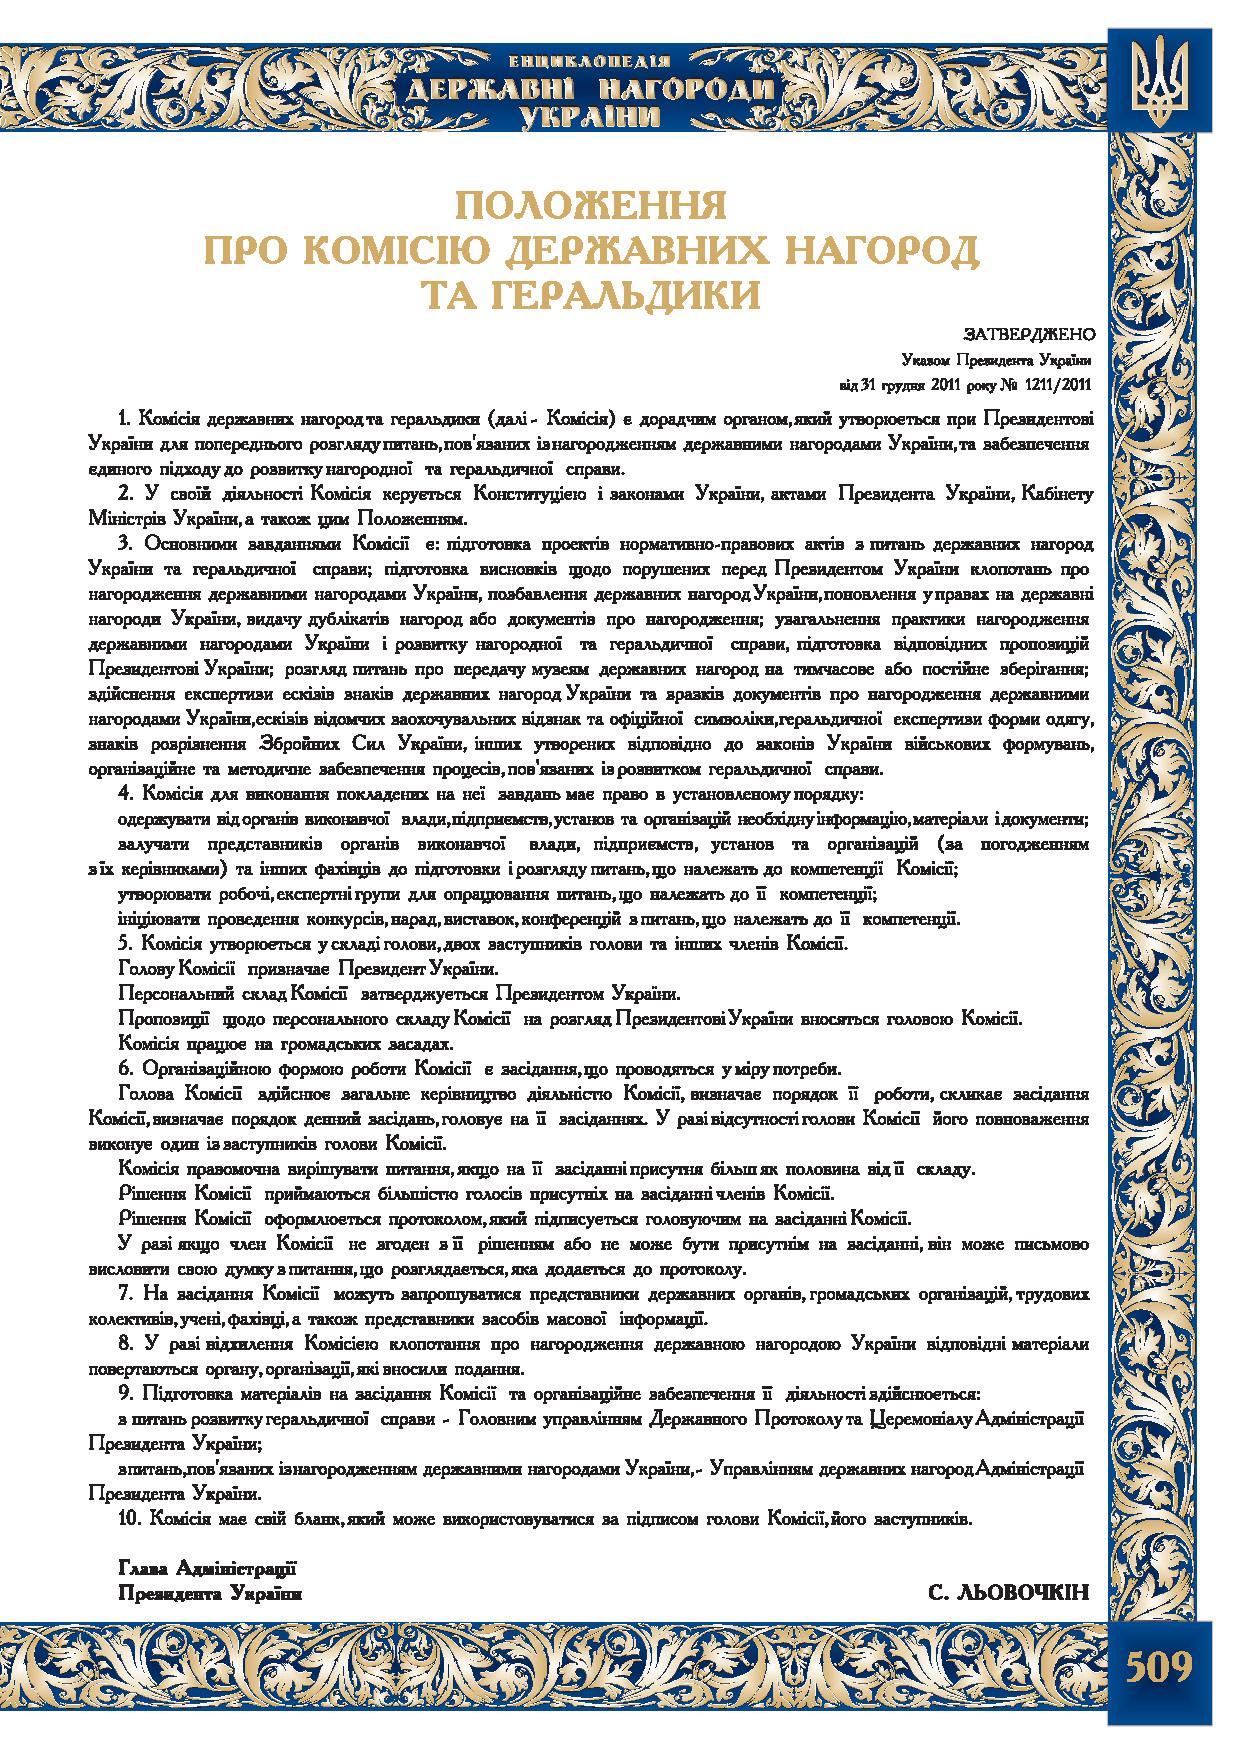 Положення про комісію державних нагород та геральдики